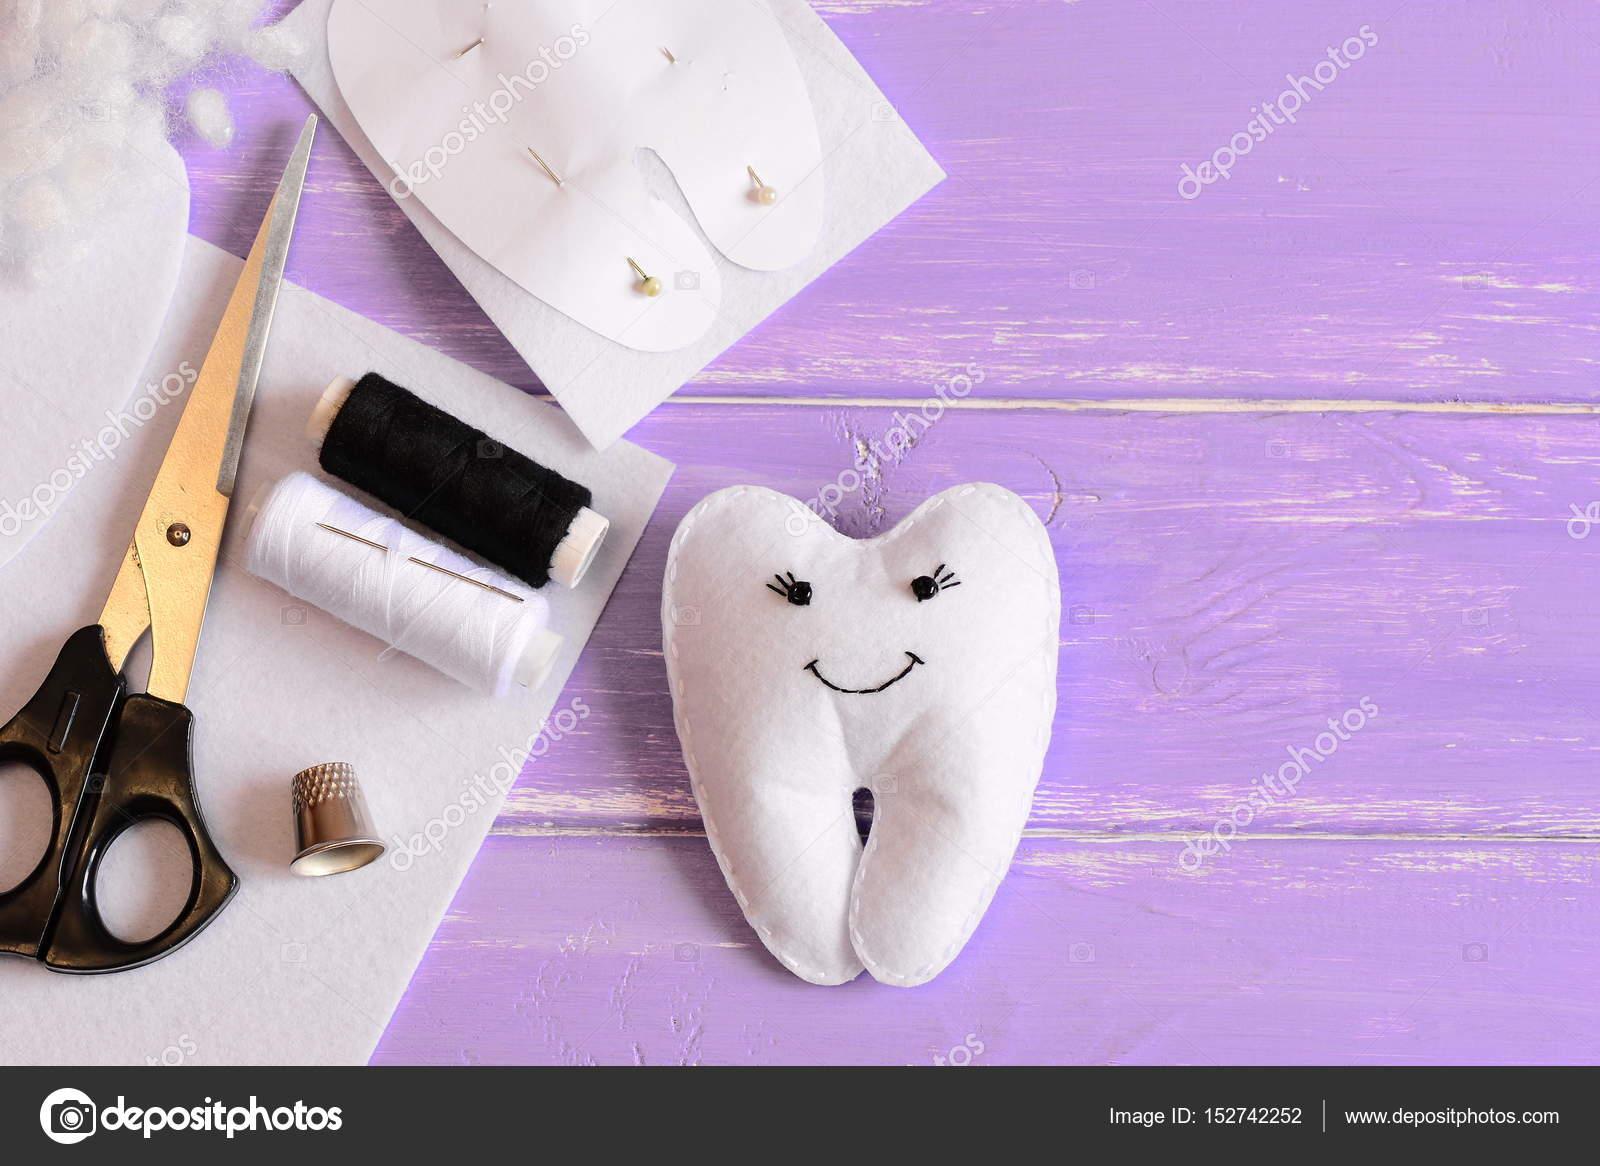 Filz Zahnfee Spielzeug, Papier-Vorlage, fühlte Stück in Zahnform ...